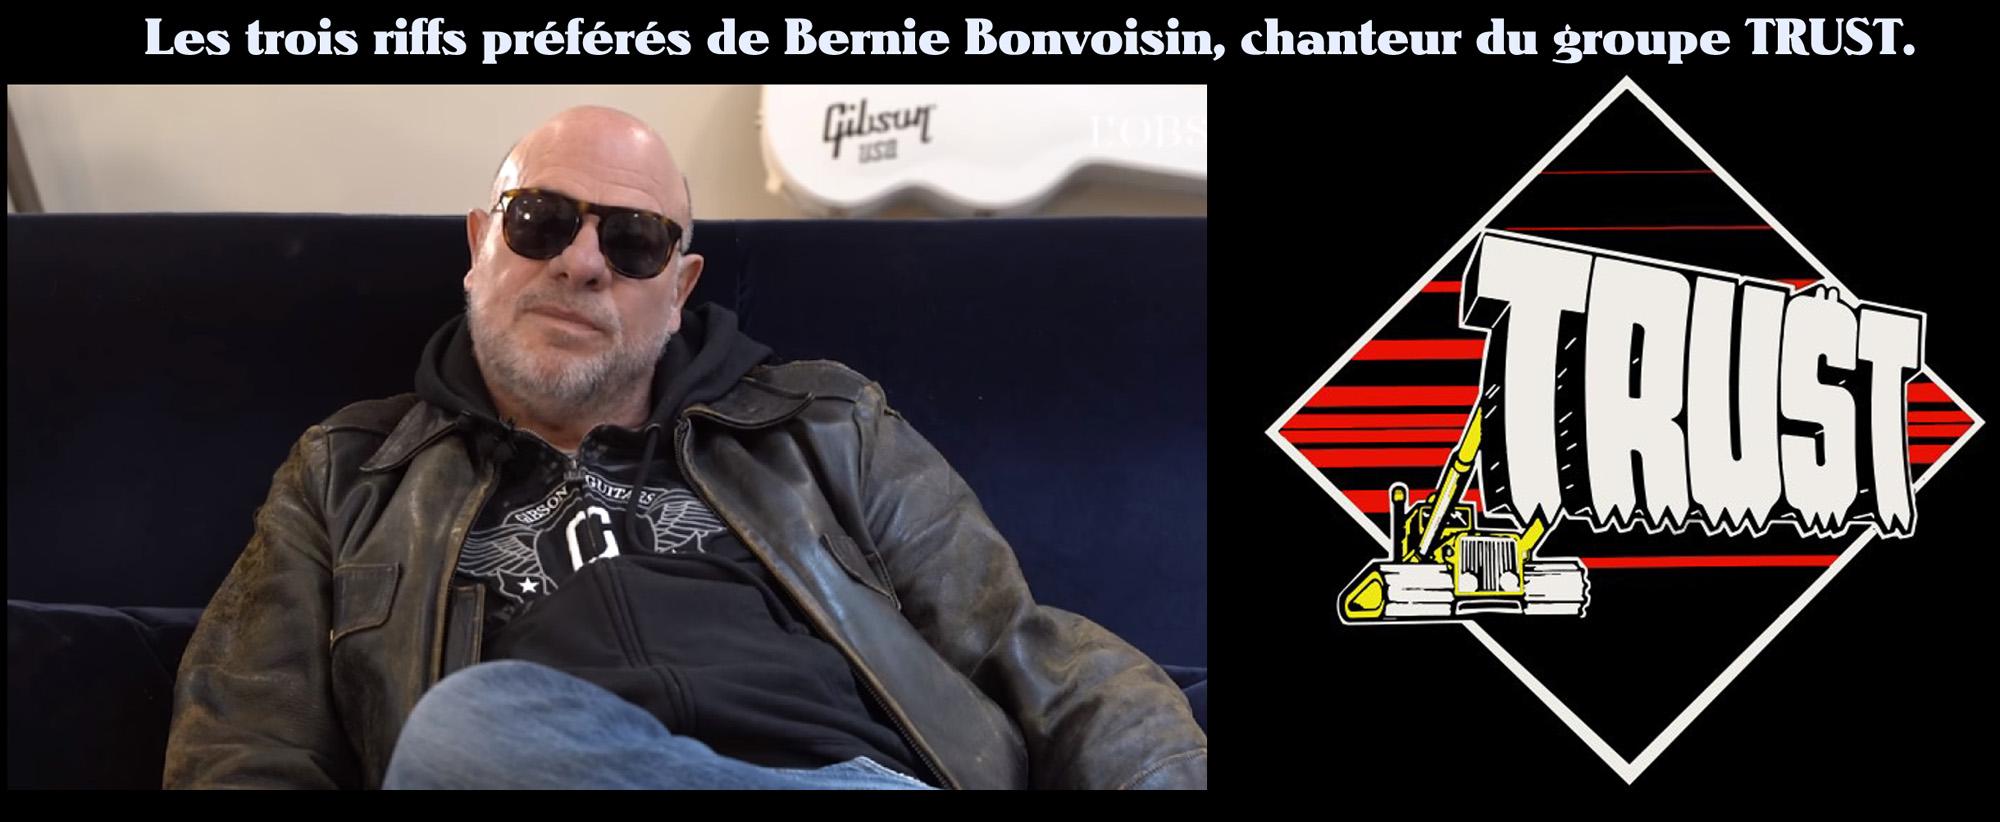 Les trois riffs préférés de Bernie Bonvoisin (vidéo) Sans_252